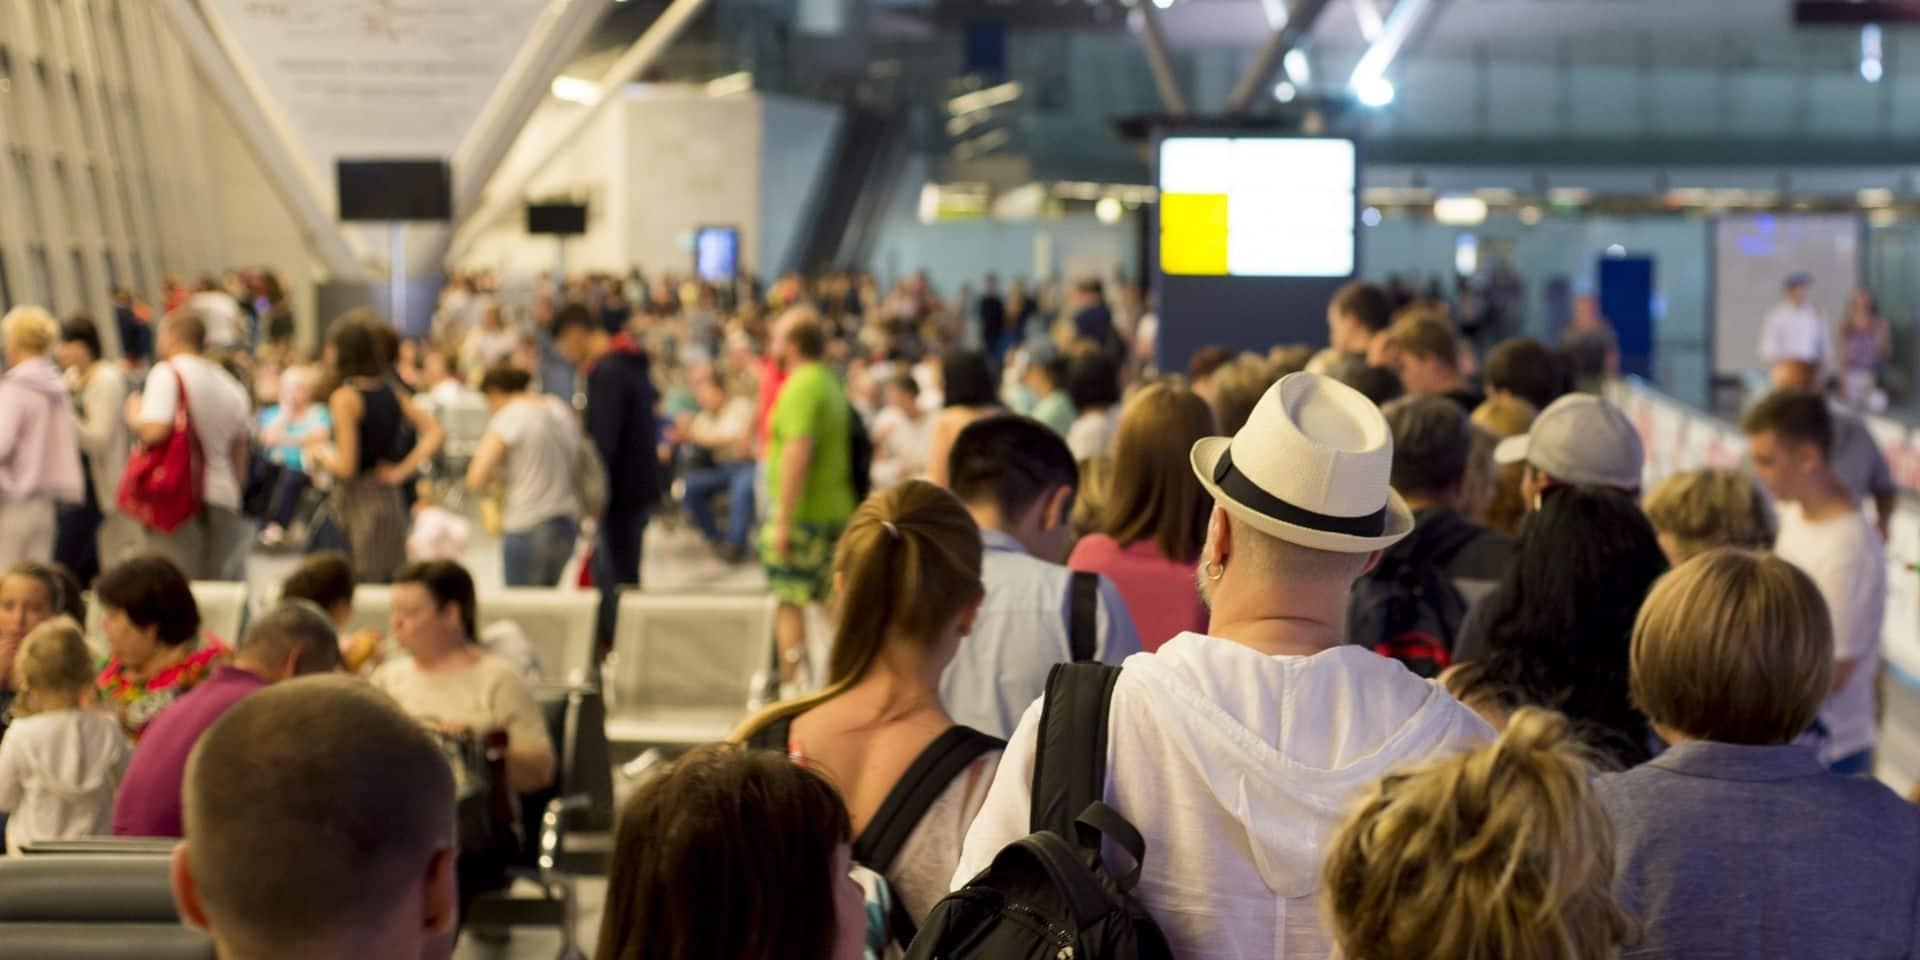 Les Belges interdits d'entrée aux Etats-Unis. Qui est concerné ? Quelles sont les conséquences ?